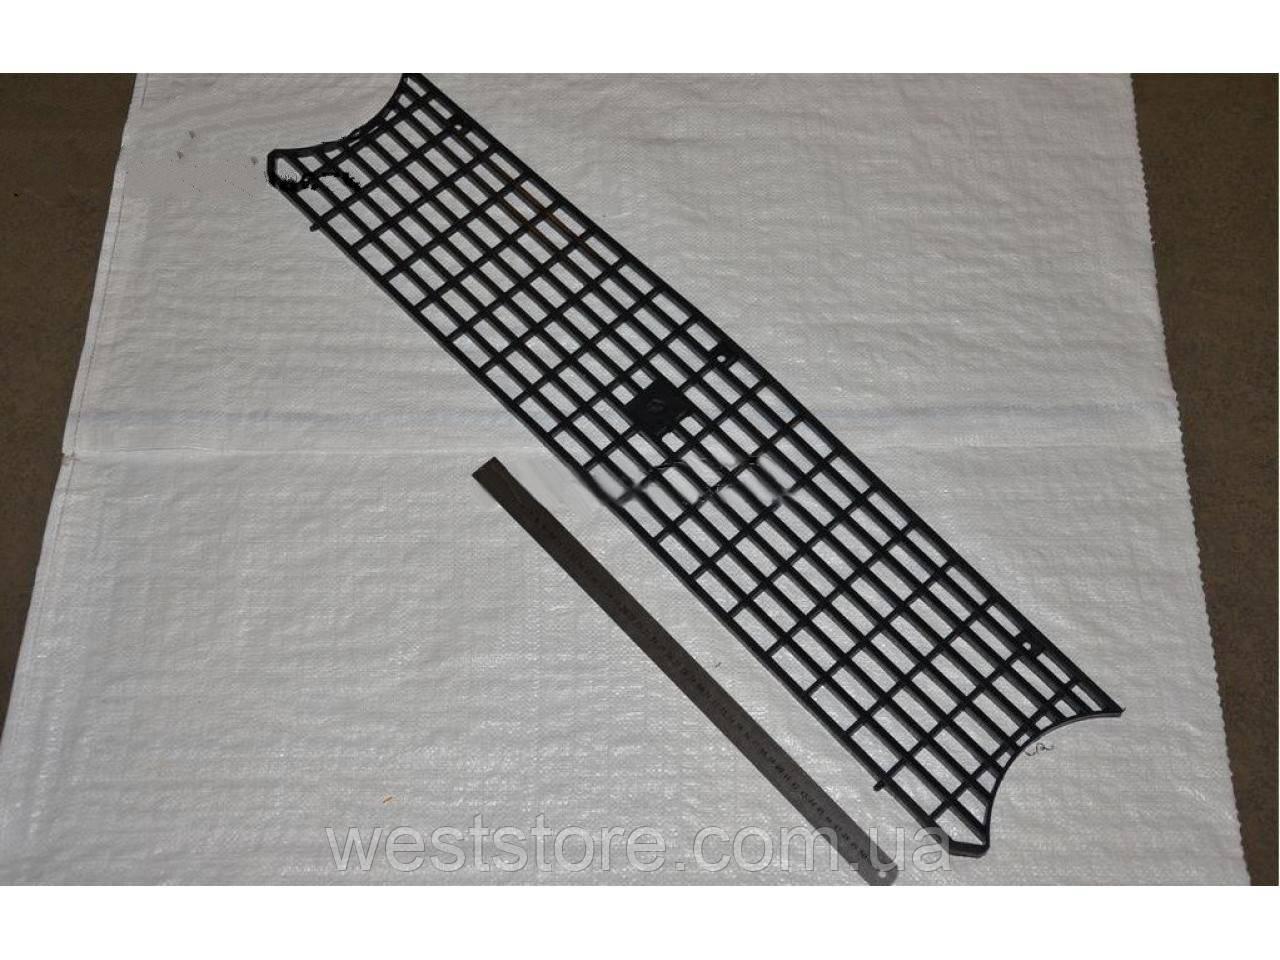 Решетка радиатора Ваз 2101,2102 черная Россия Автопласт